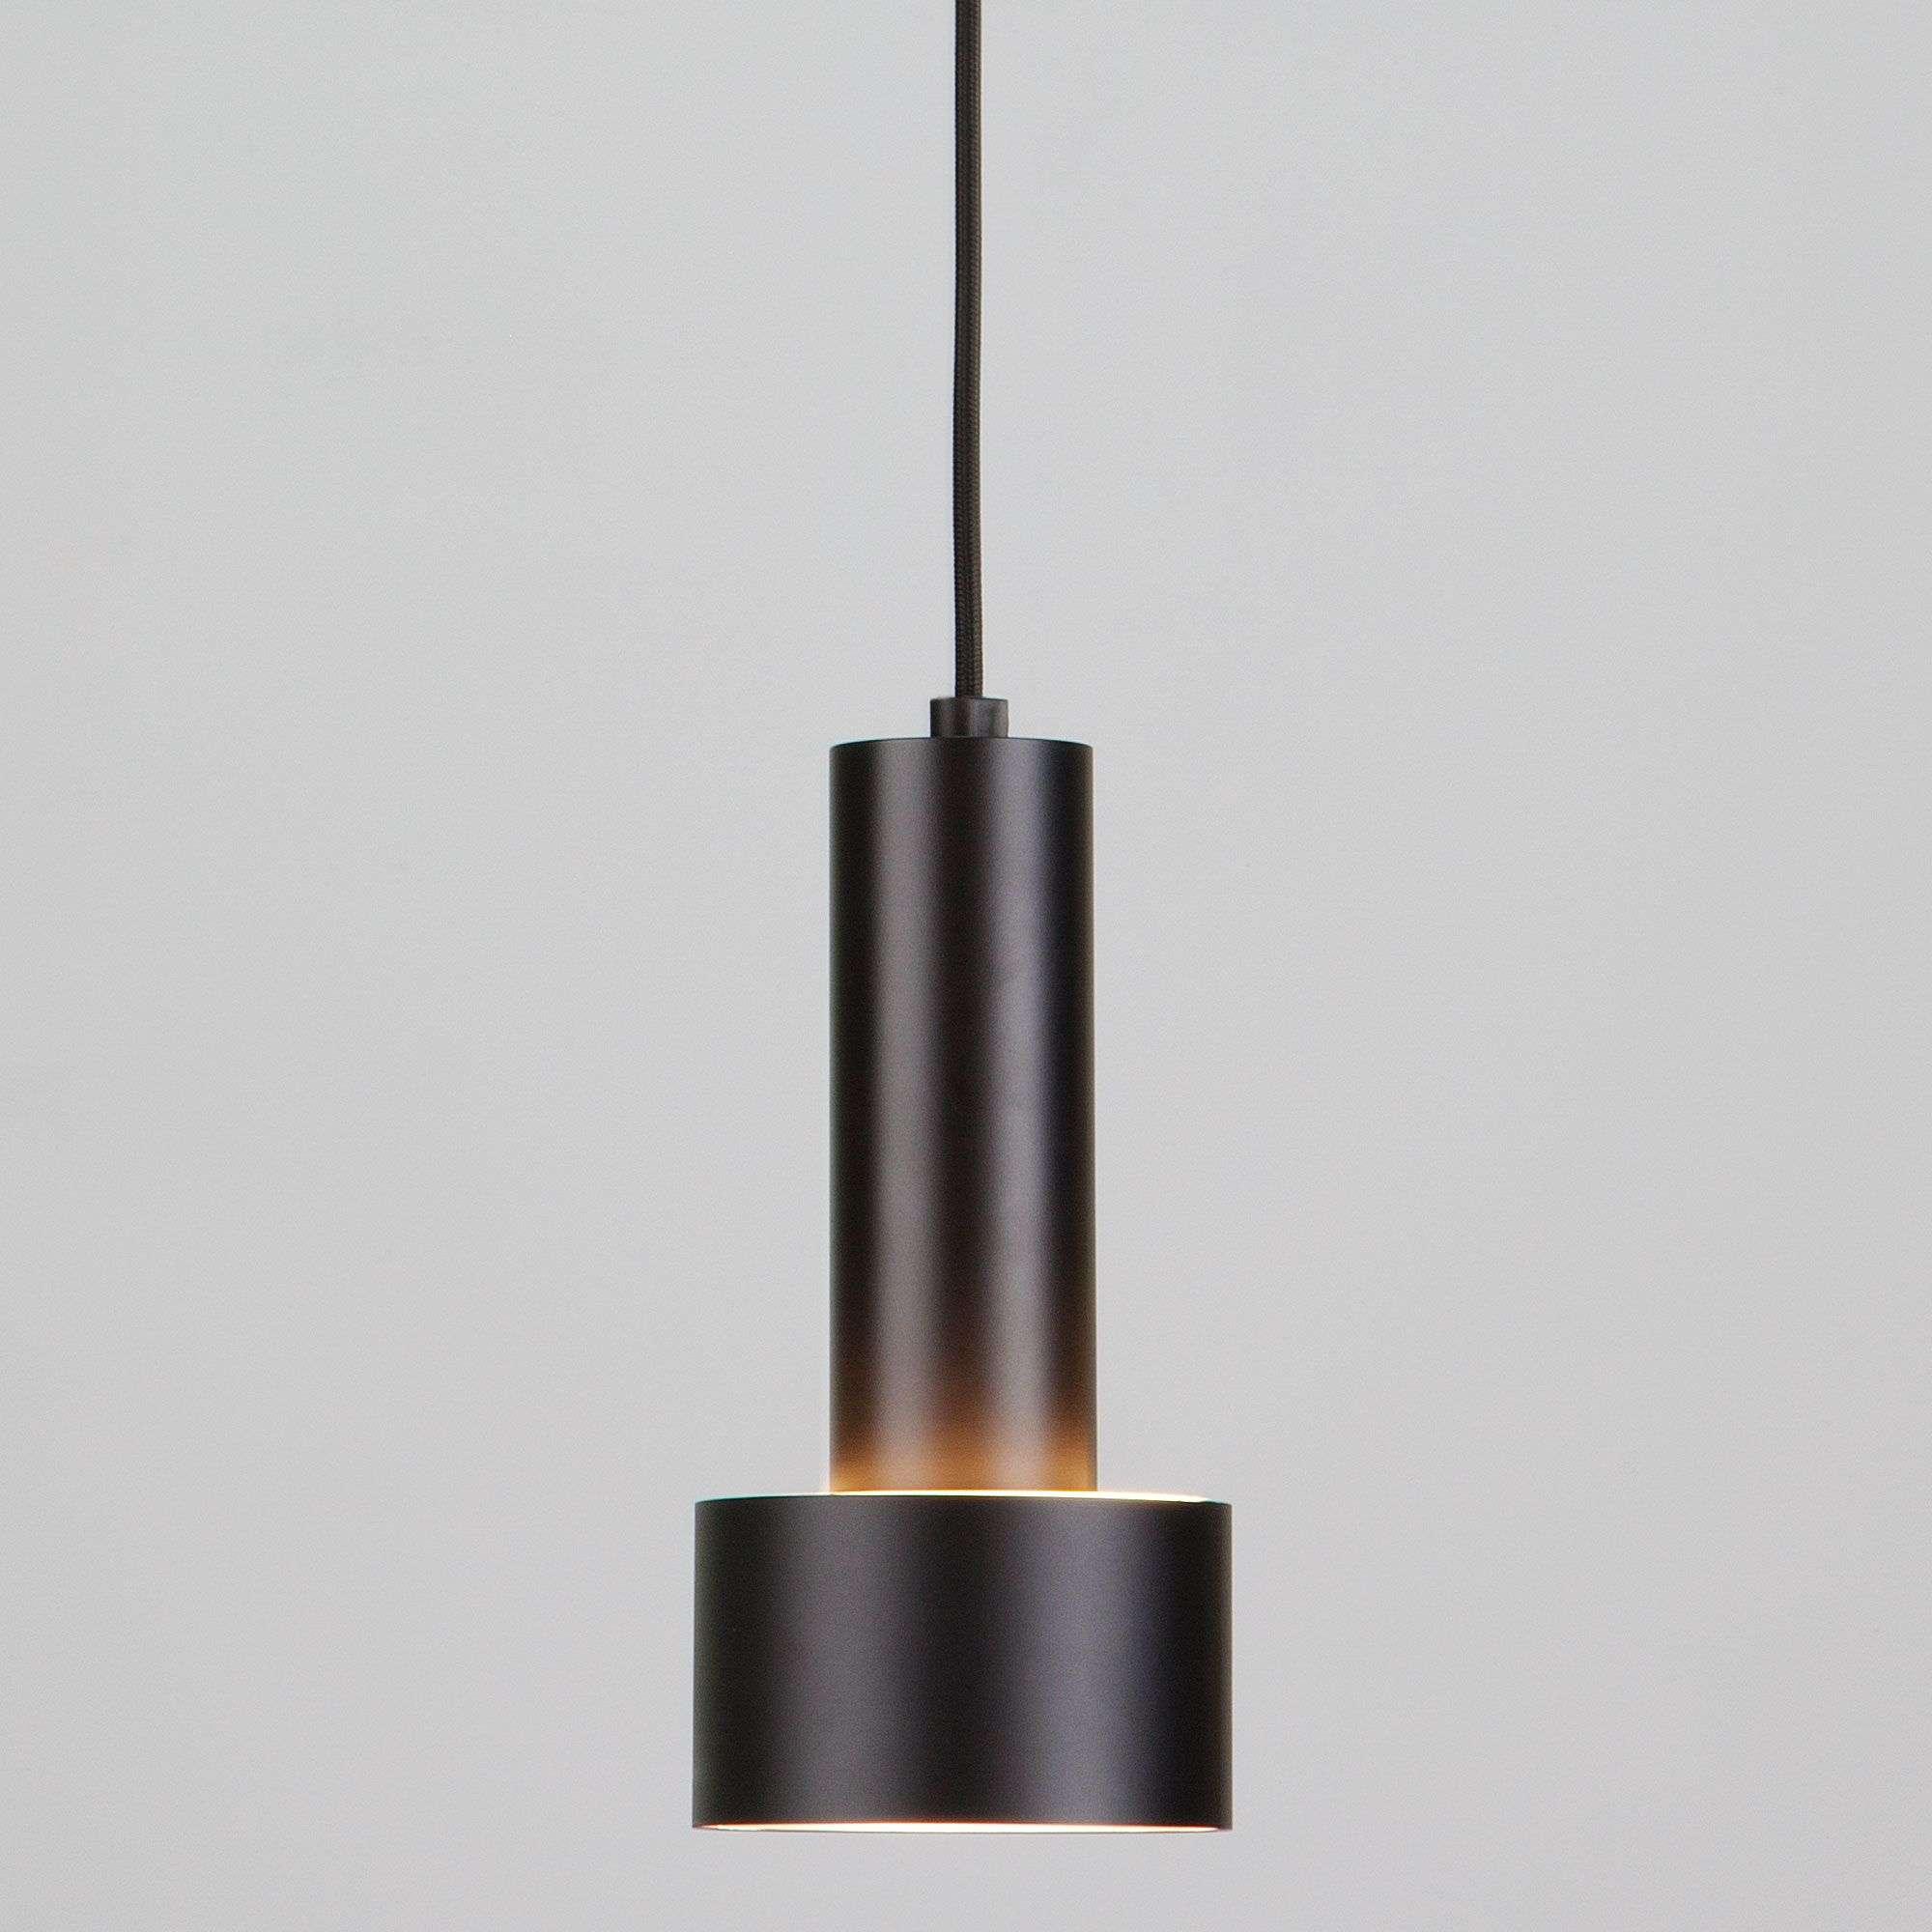 Подвесной LED светильник с матовым рассеивателем 50134/1 LED черный/золото